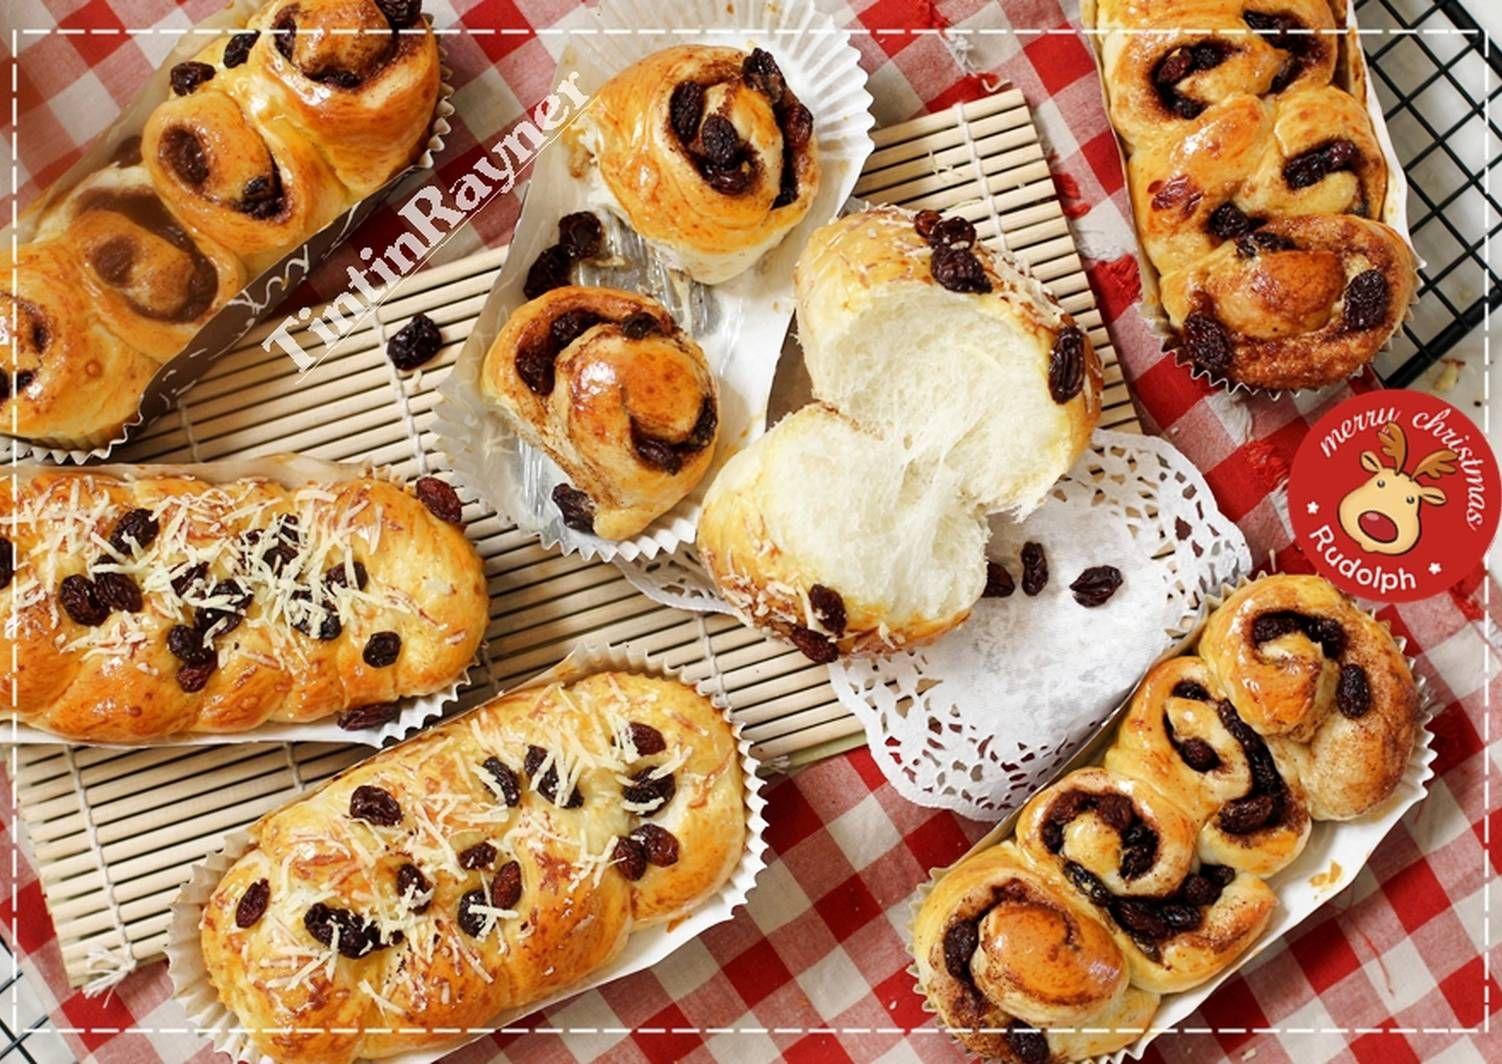 Resep Cinnamon Roll Lembutt Roti Kismis Serat Halus 1 Telur Aja Oleh Tintin Rayner Resep Roti Cinnamon Roll Roti Kismis Cinnamon Roll